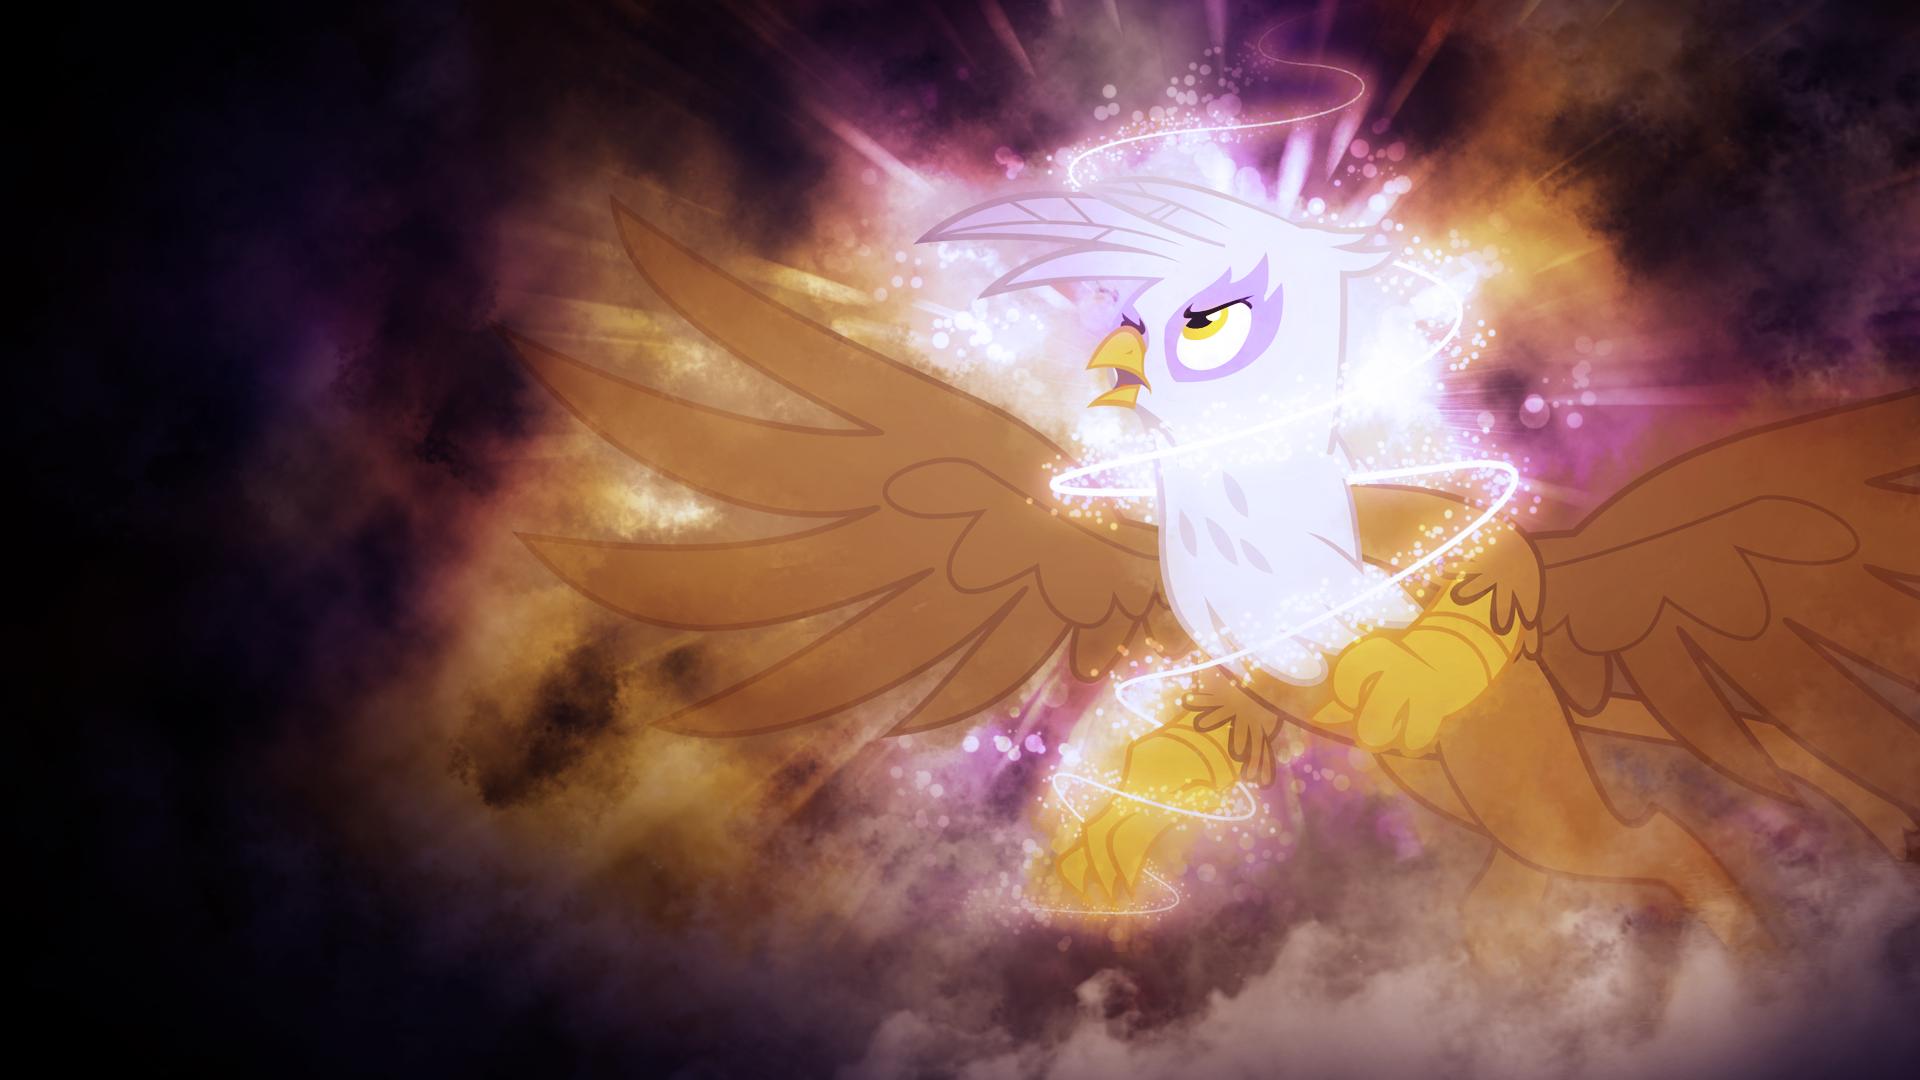 Gilda Taking Flight Wallpaper